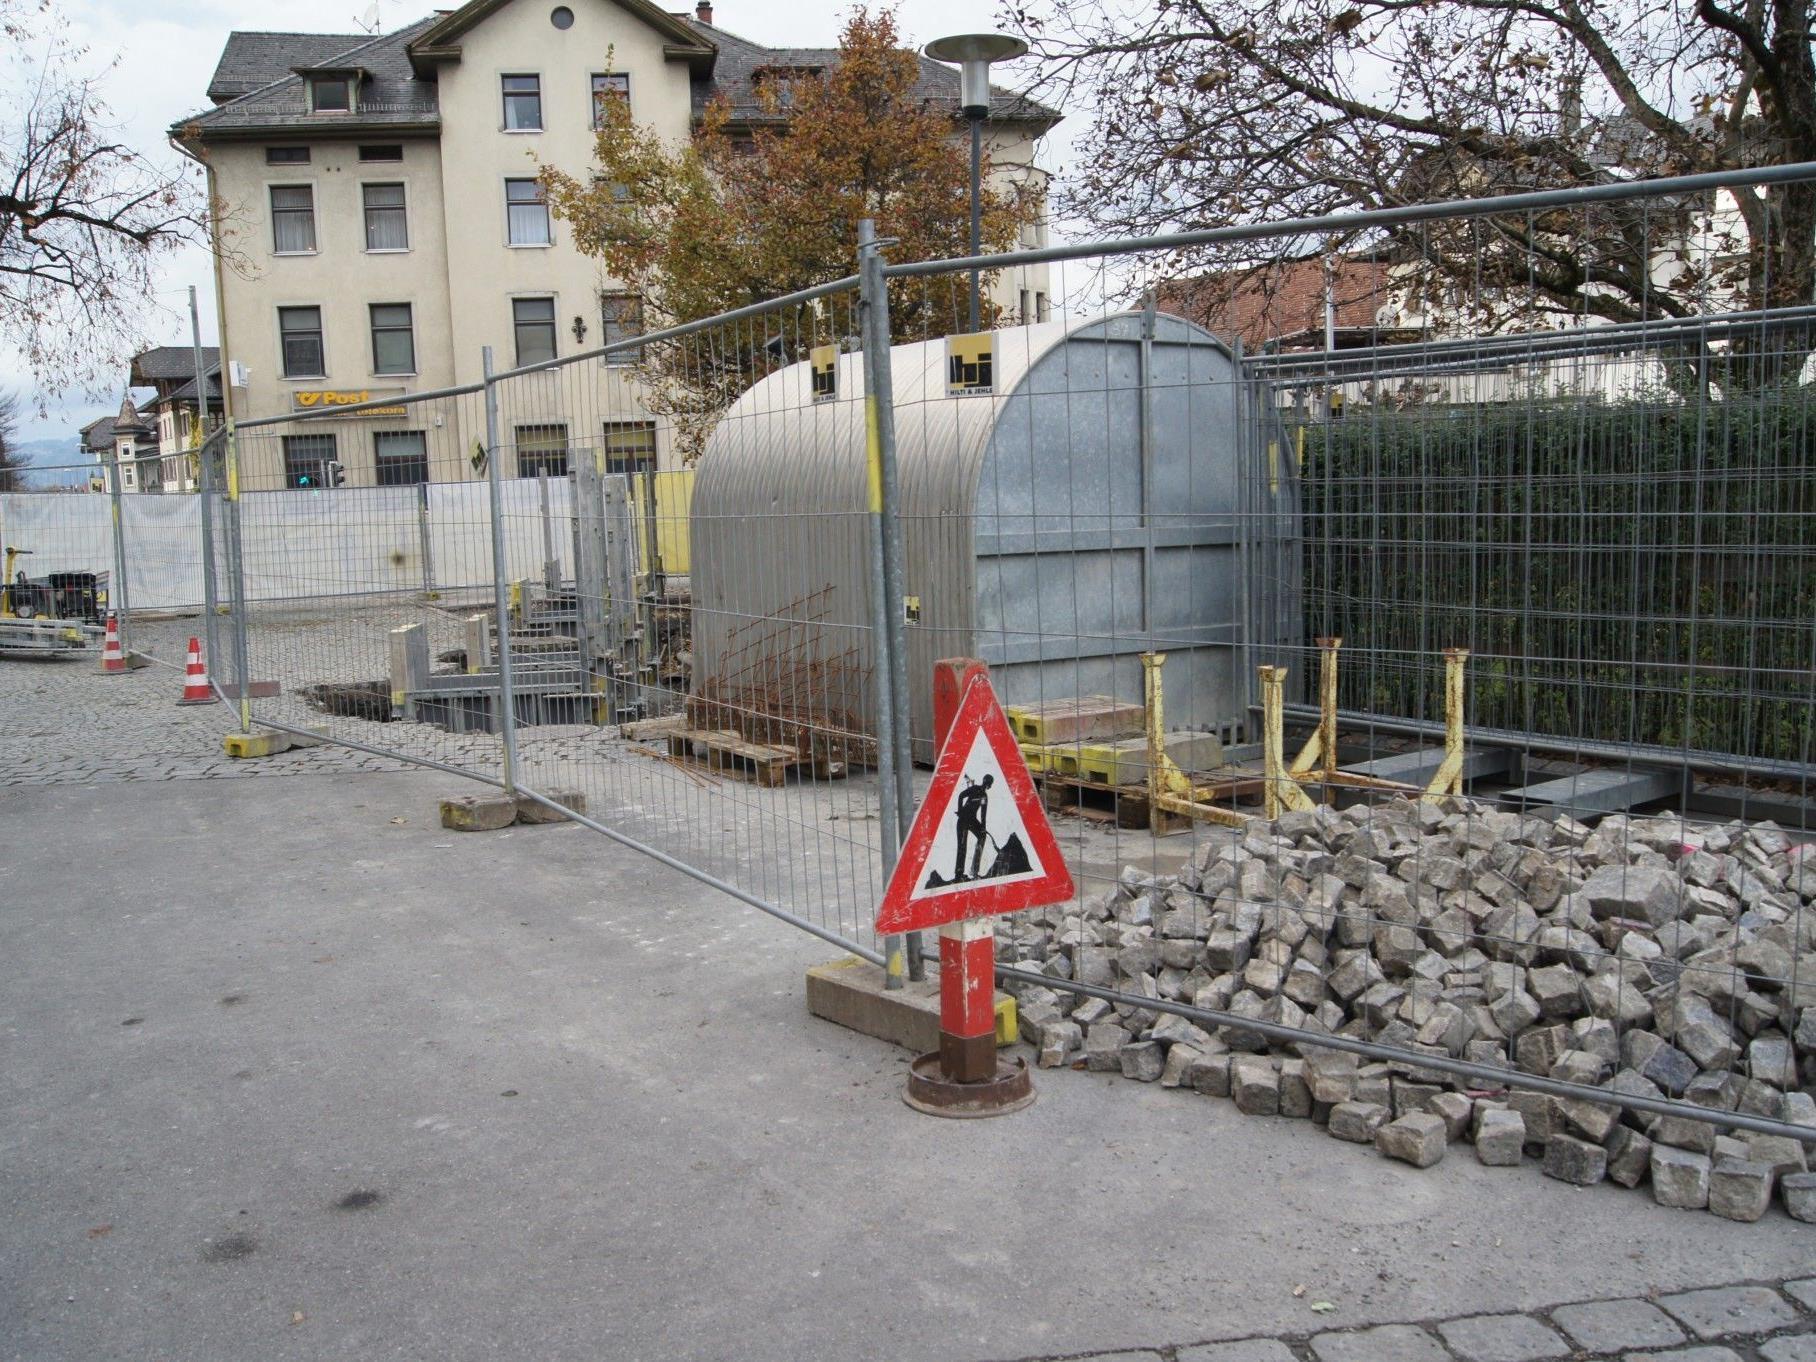 Neben der Pfarrkirche Hatlerdorf werden die Fundamente für den neuen Fahrradabstellplatz errichtet.